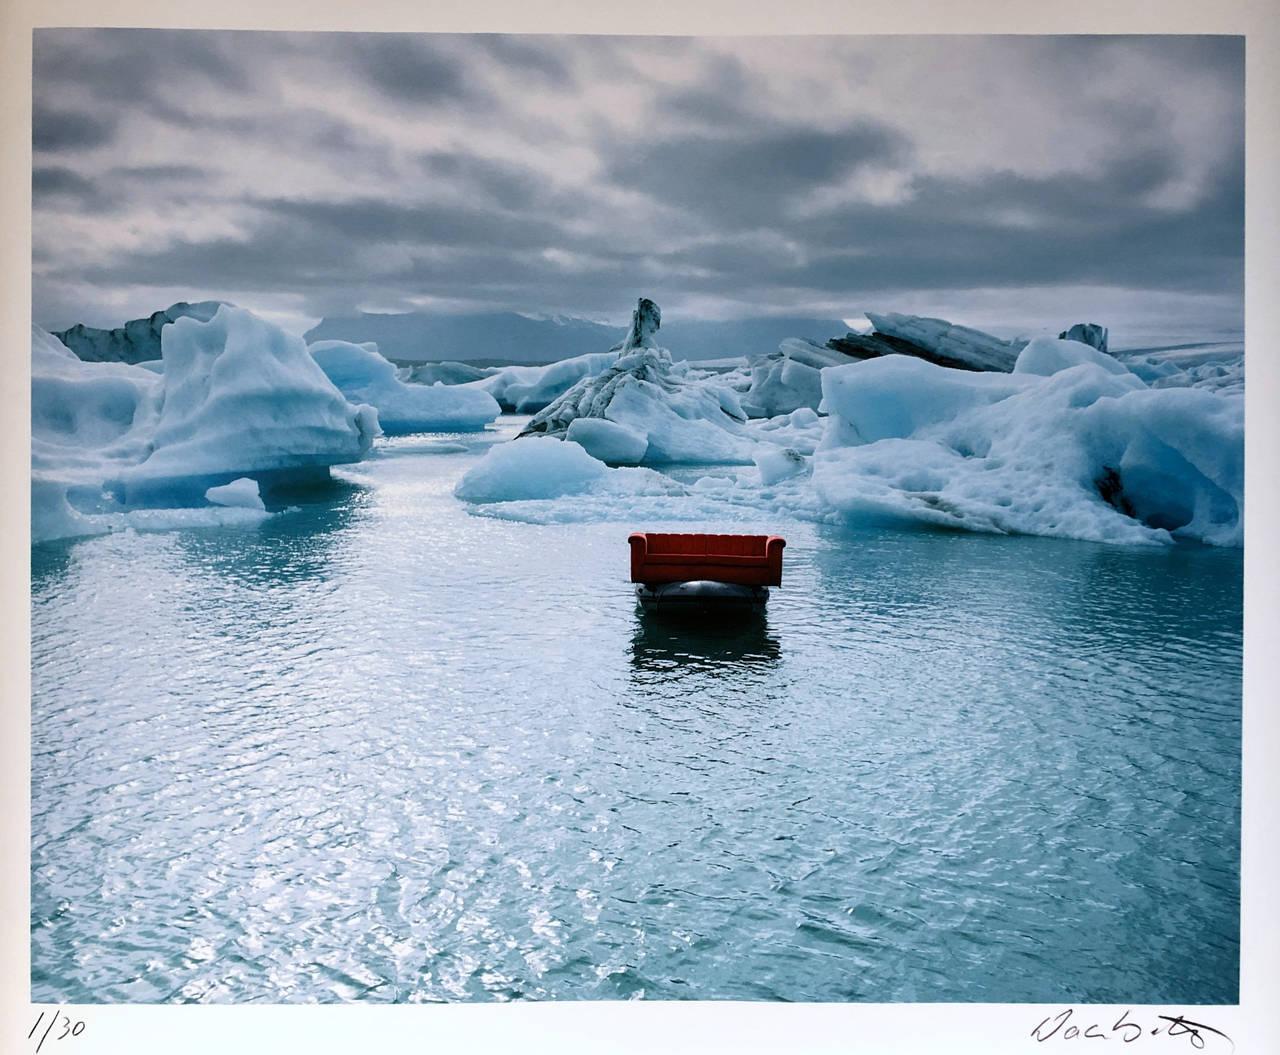 The Red Couch - Gletscherlagune Island, 2003